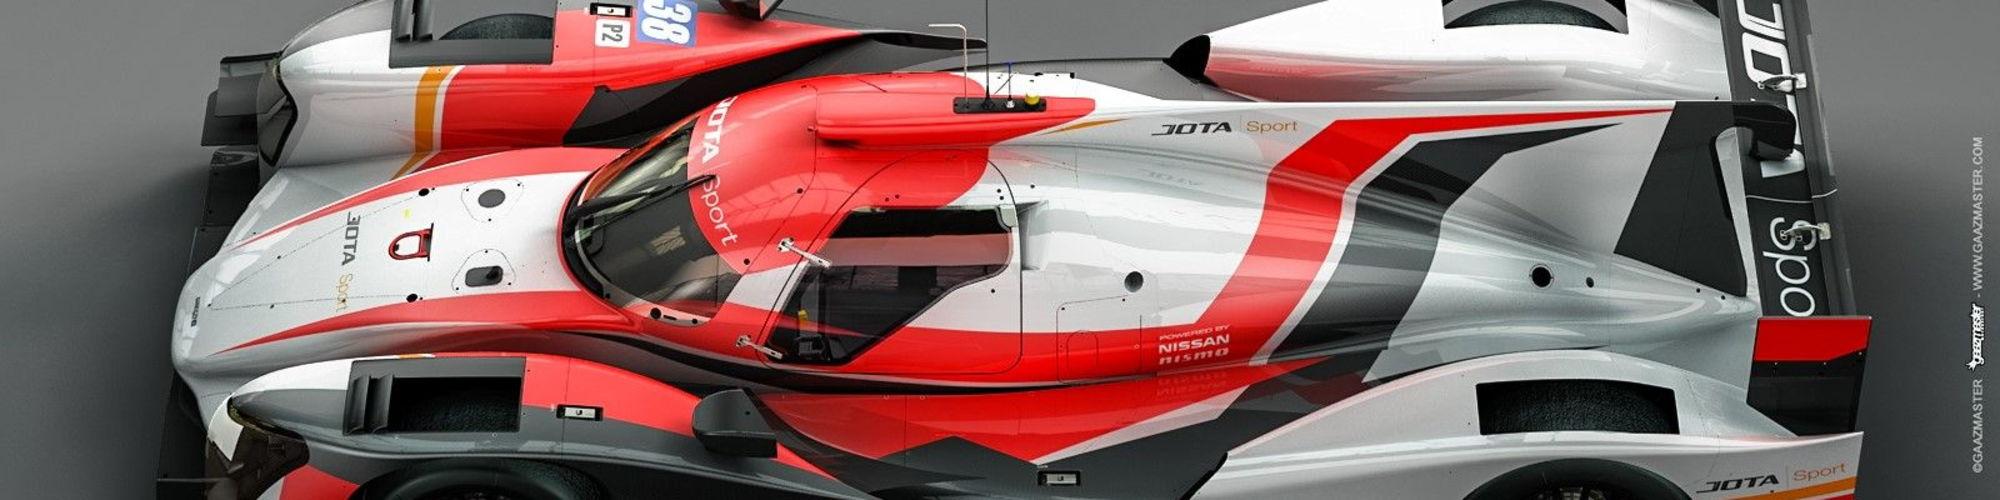 Oreca The Motorsport Company